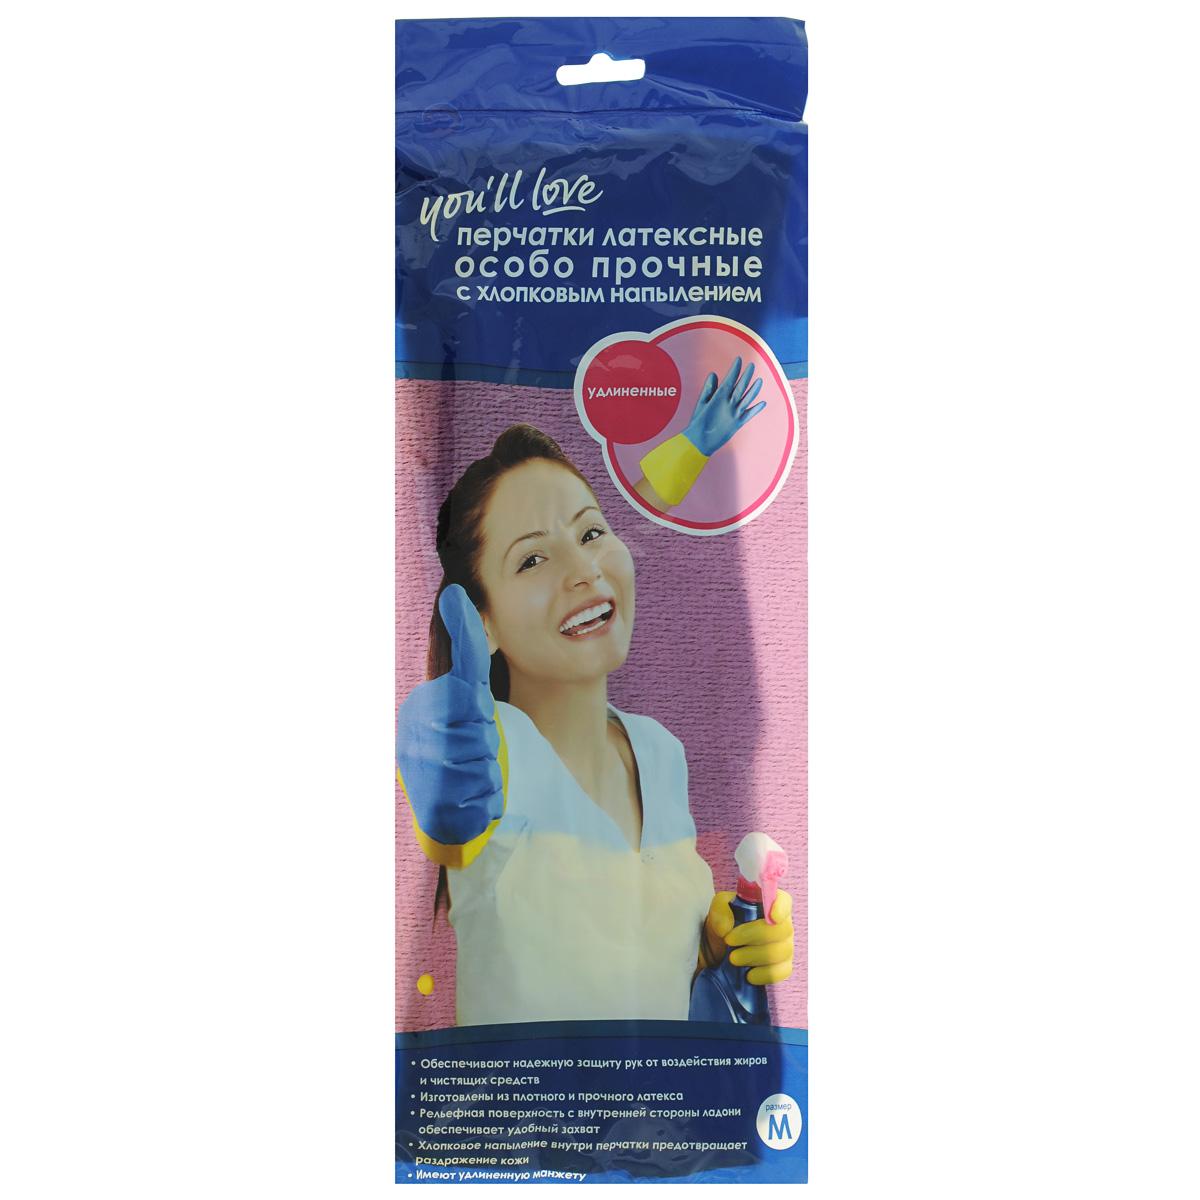 Перчатки латексные Youll love, особо прочные, удлиненные. Размер M61299Особо прочные, плотные латексные перчатки Youll love с хлопковым напылением. Отлично защищают руки от загрязнений и воздействия моющих средств. Имеют удлиненную манжету. Рельефная поверхность с внутренней стороны ладони обеспечивает удобный захват и антискользящий эффект. Хлопковое напыление защищает от раздражений.